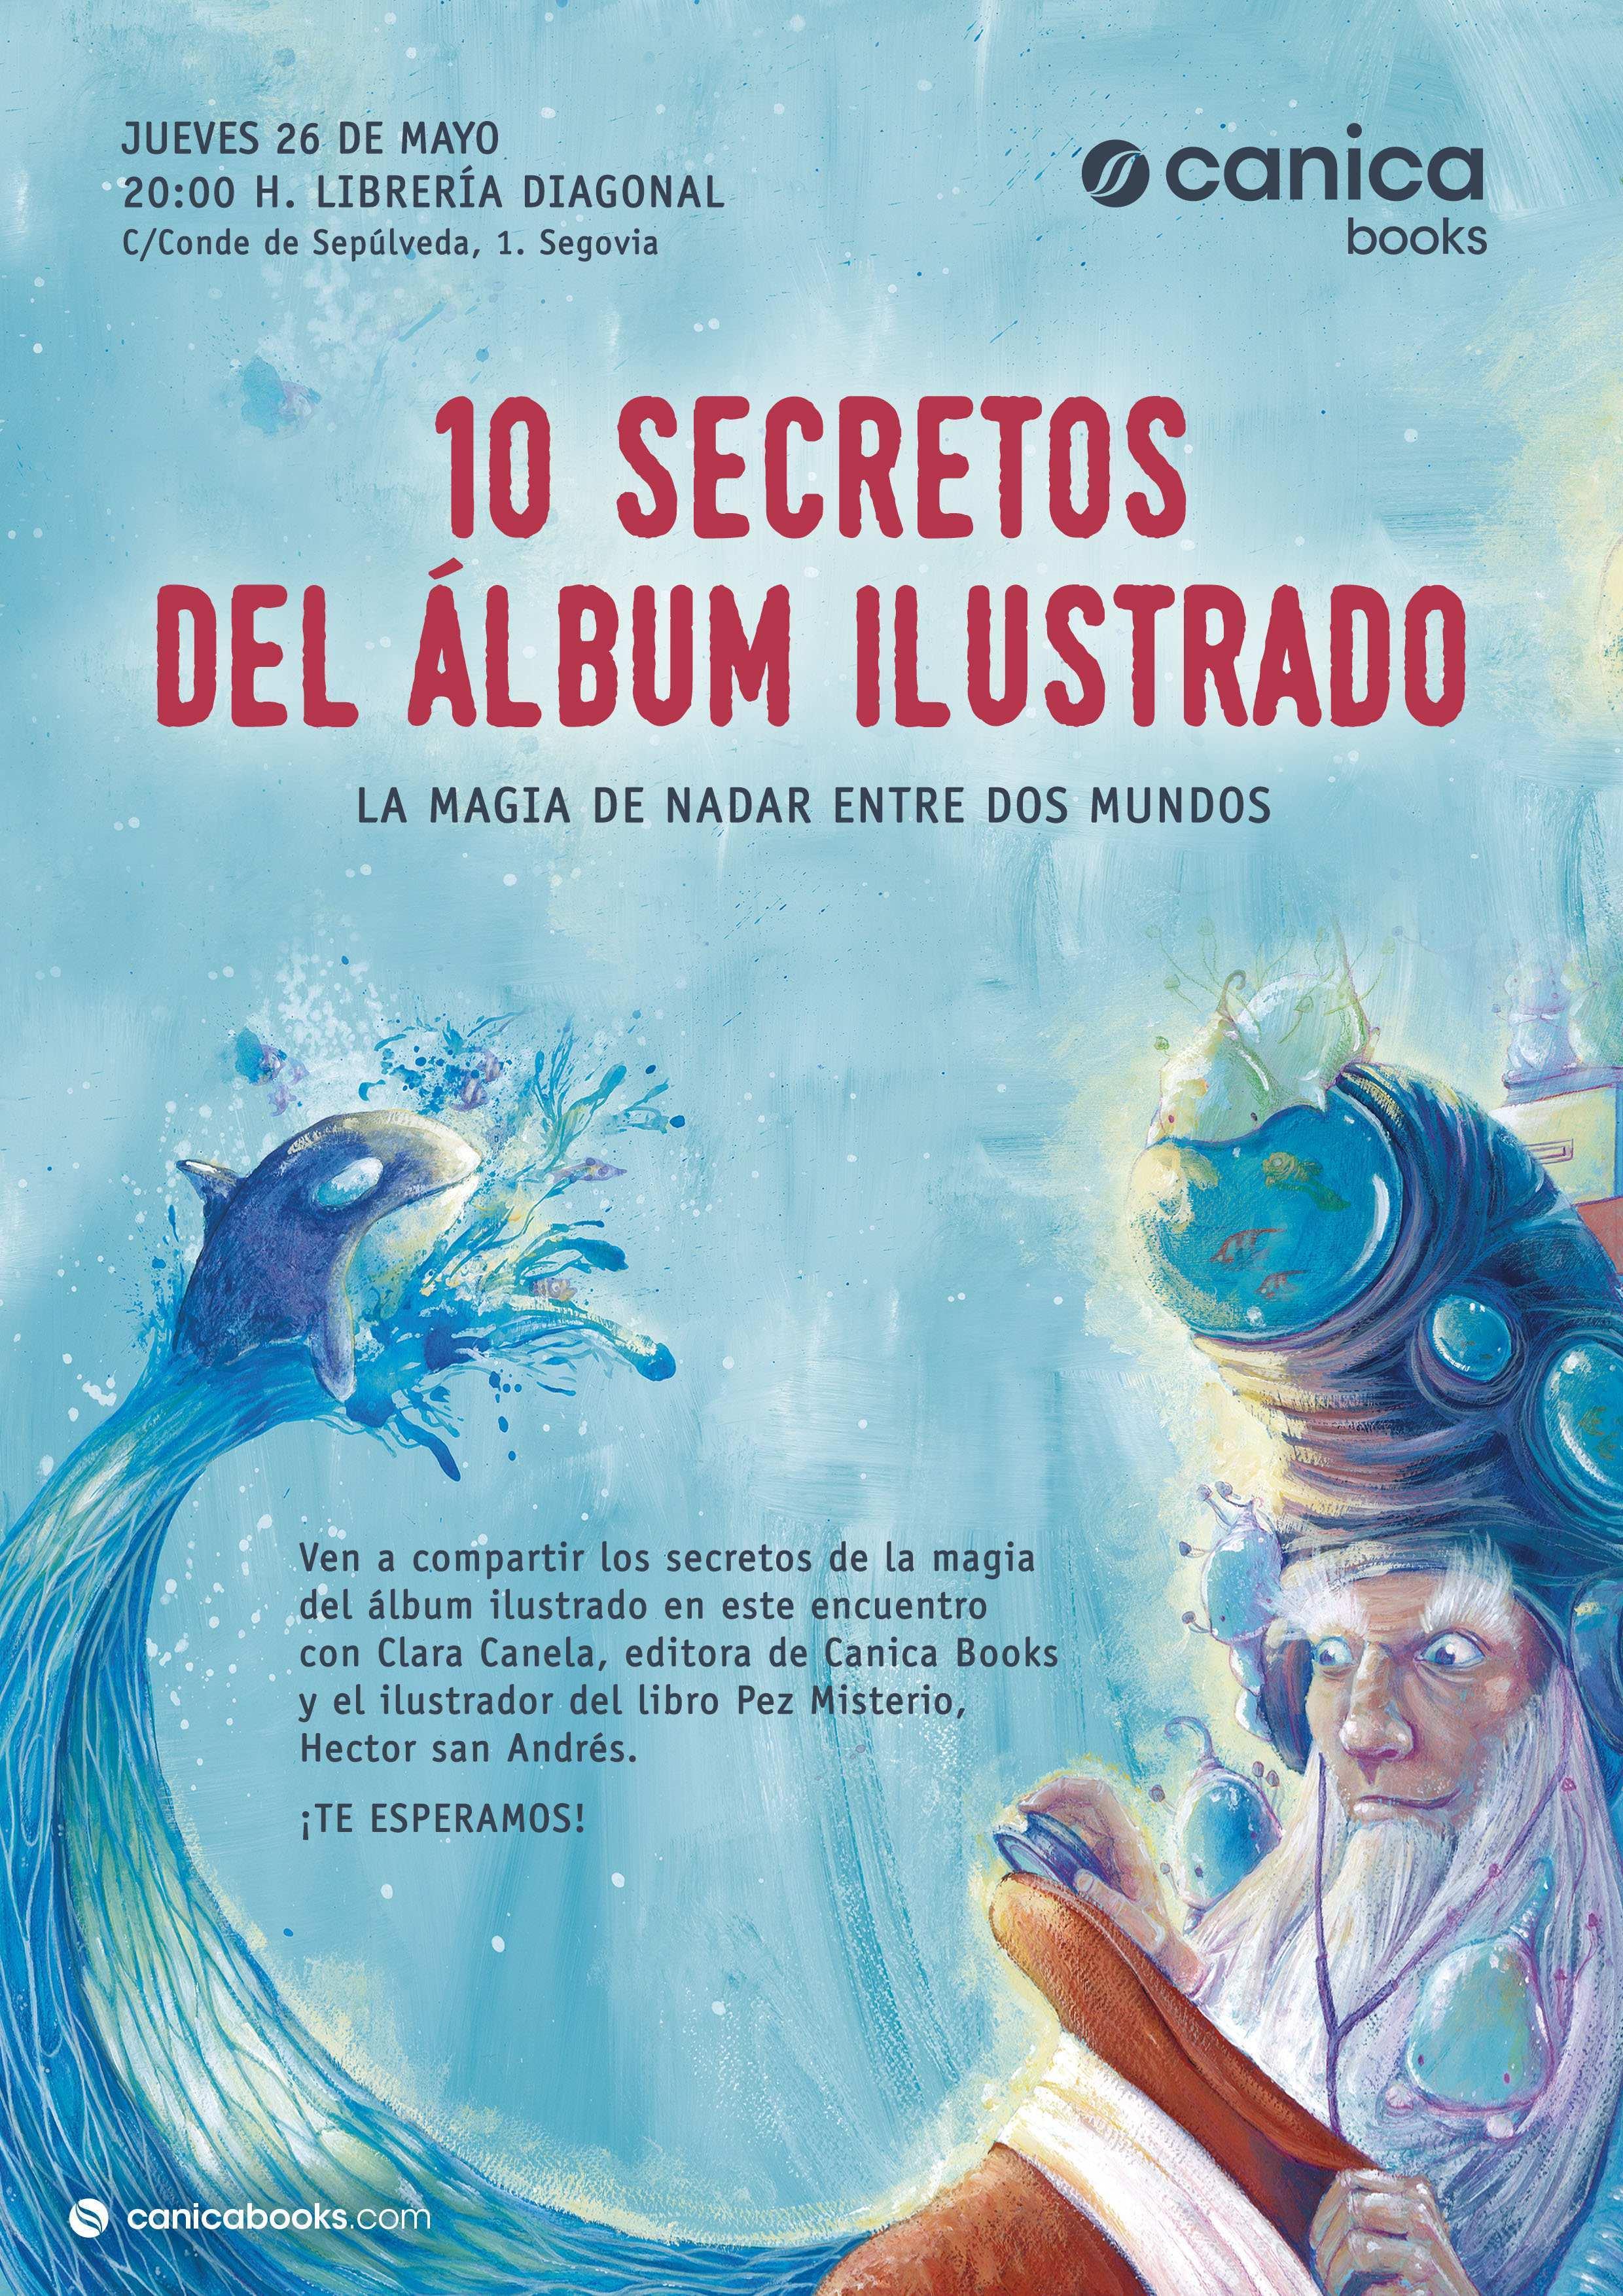 10SecretosAlbumIlustrado